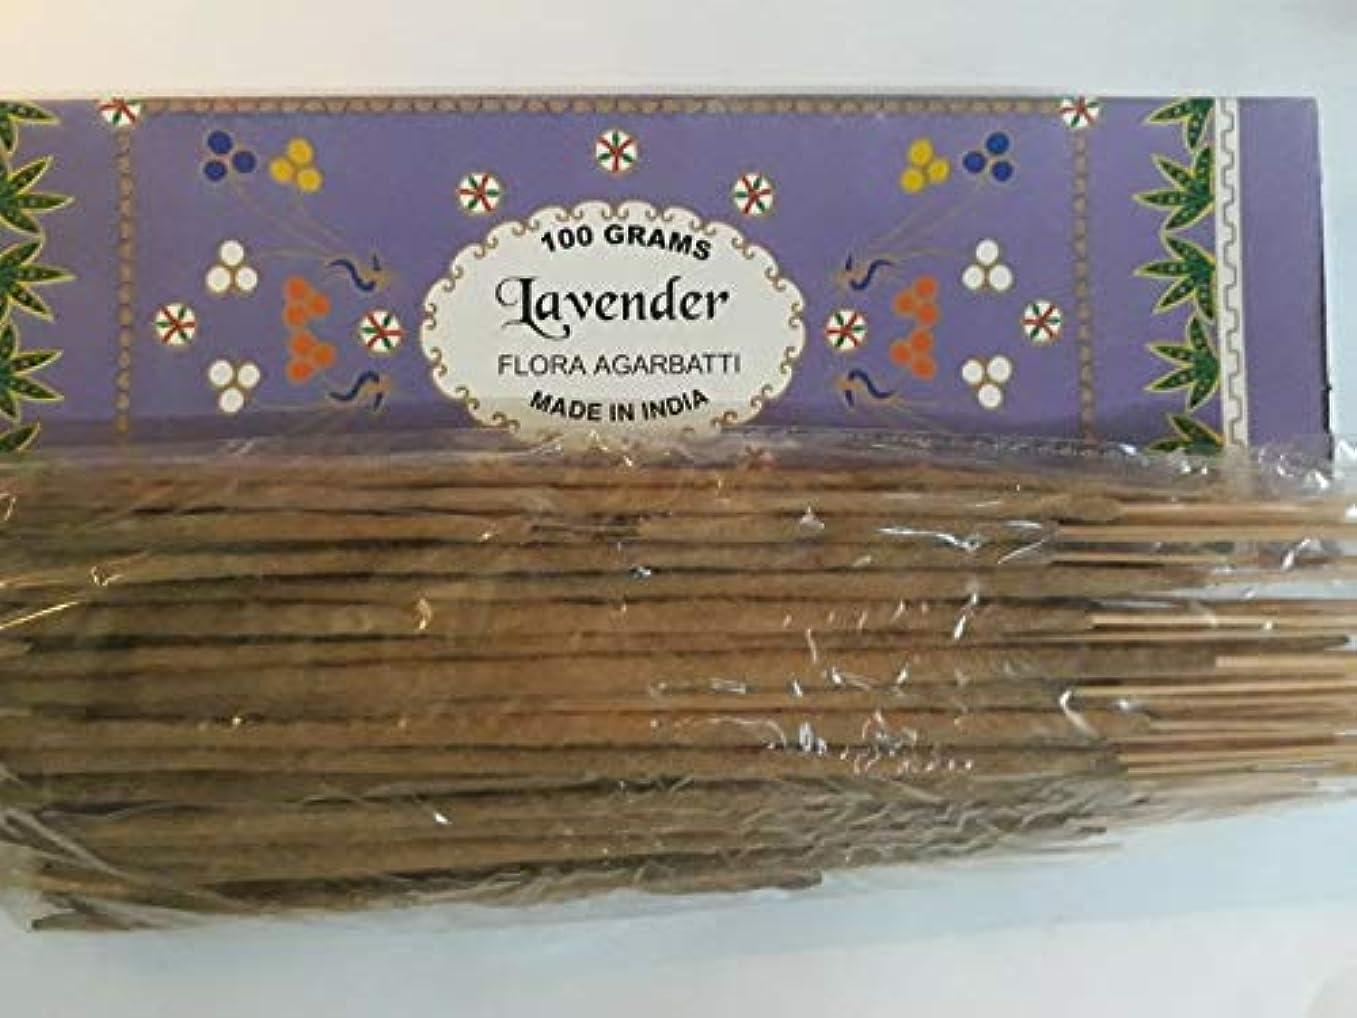 ガイダンス有用家族Lavender ラベンダー Agarbatti Incense Sticks 線香 100 grams Flora Incense Agarbatti フローラ